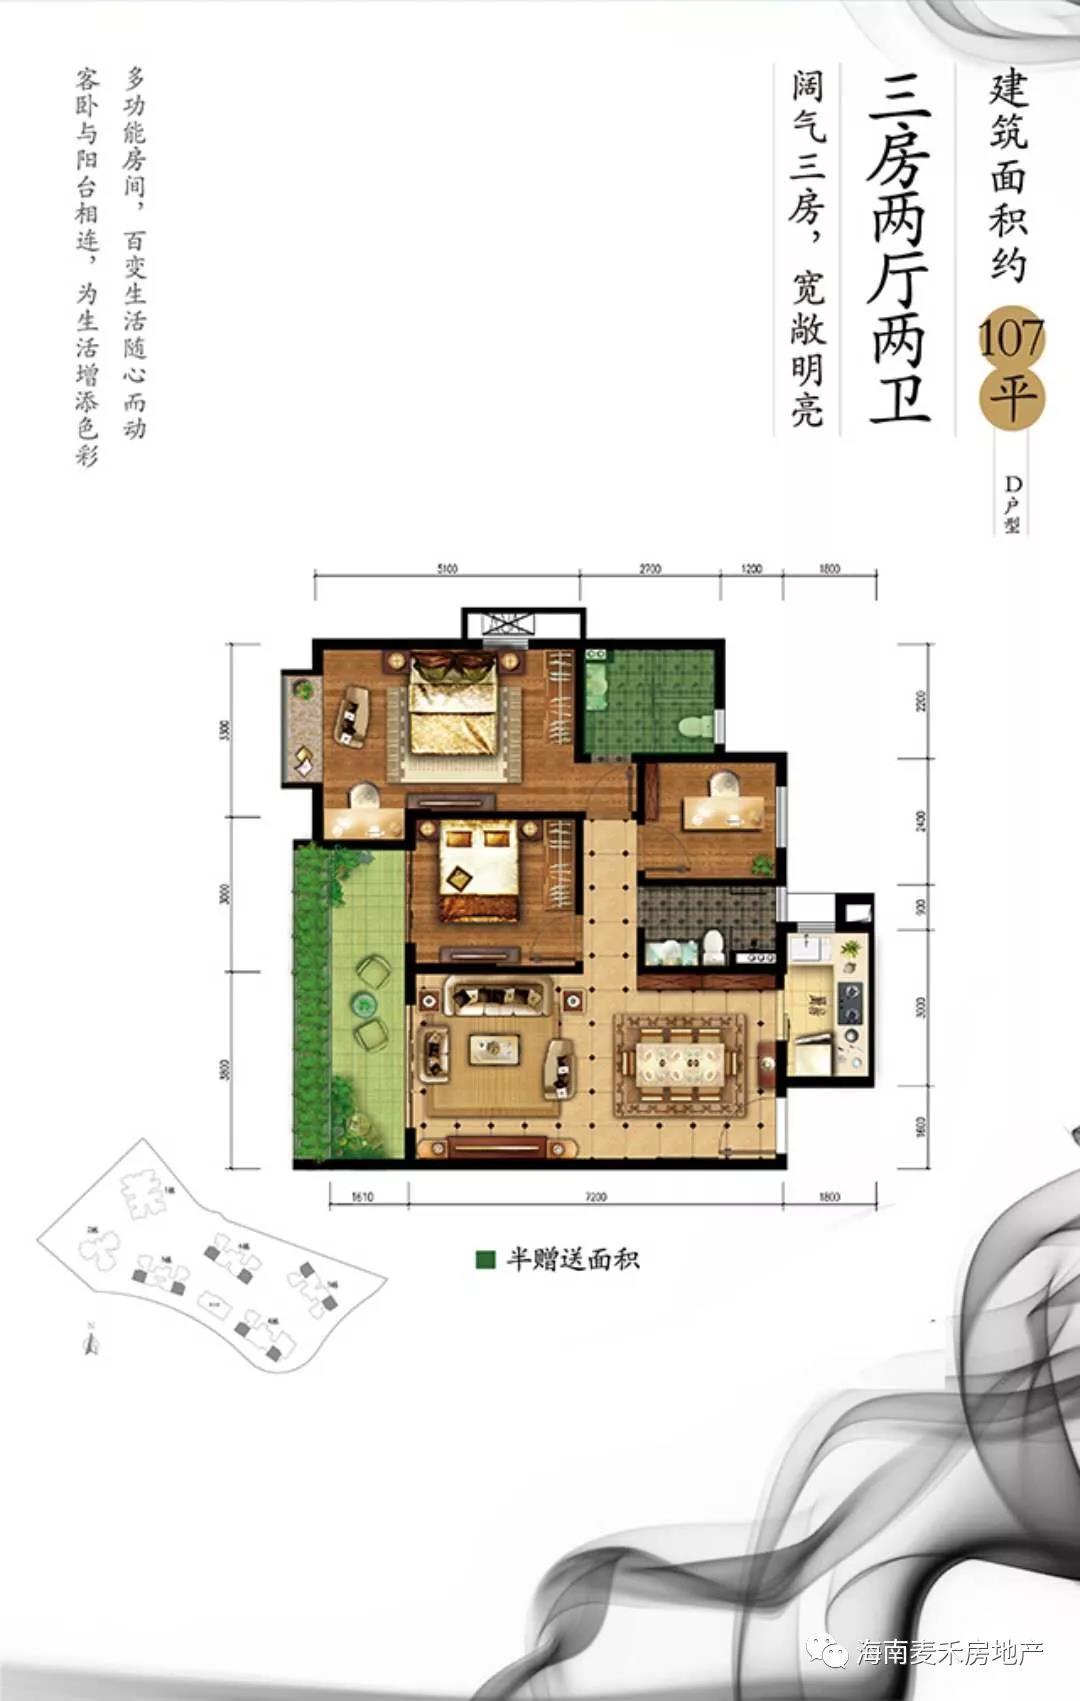 D戶型 3房2廳 建面:107平